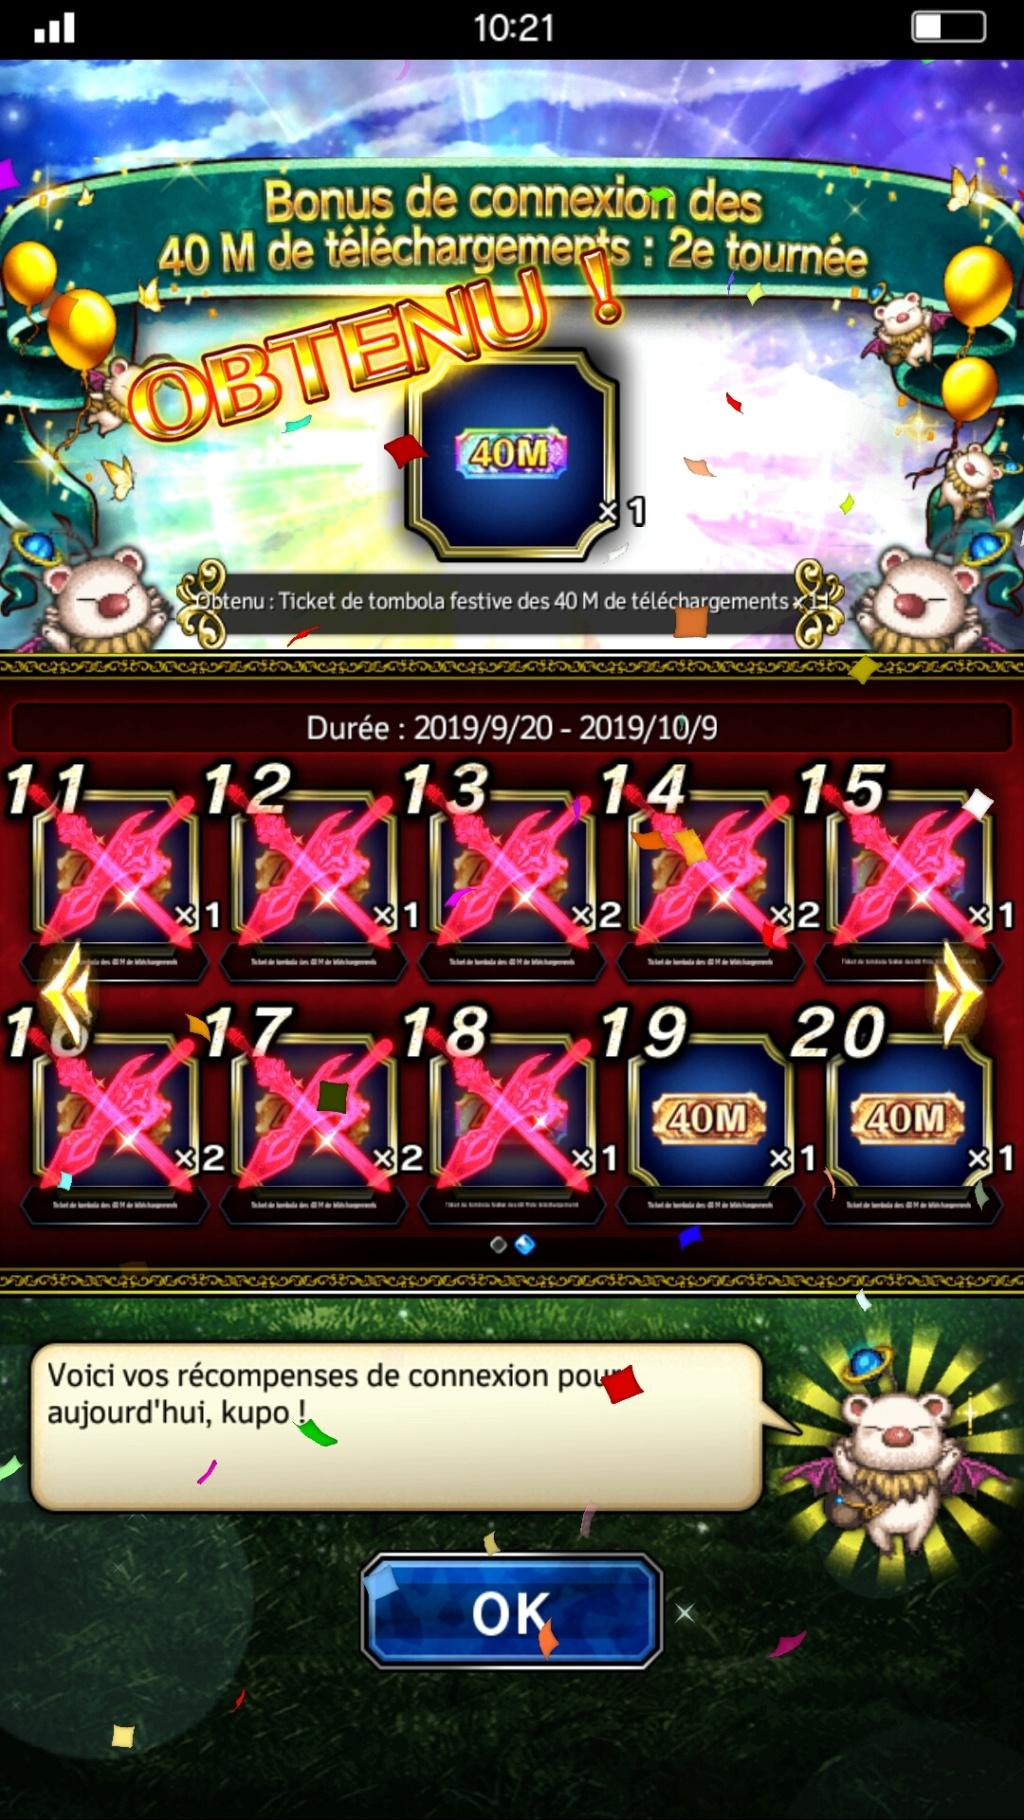 Campagne des 40M de téléchargements (partie 2) - du 20/09 au 09/10/19 Screen67